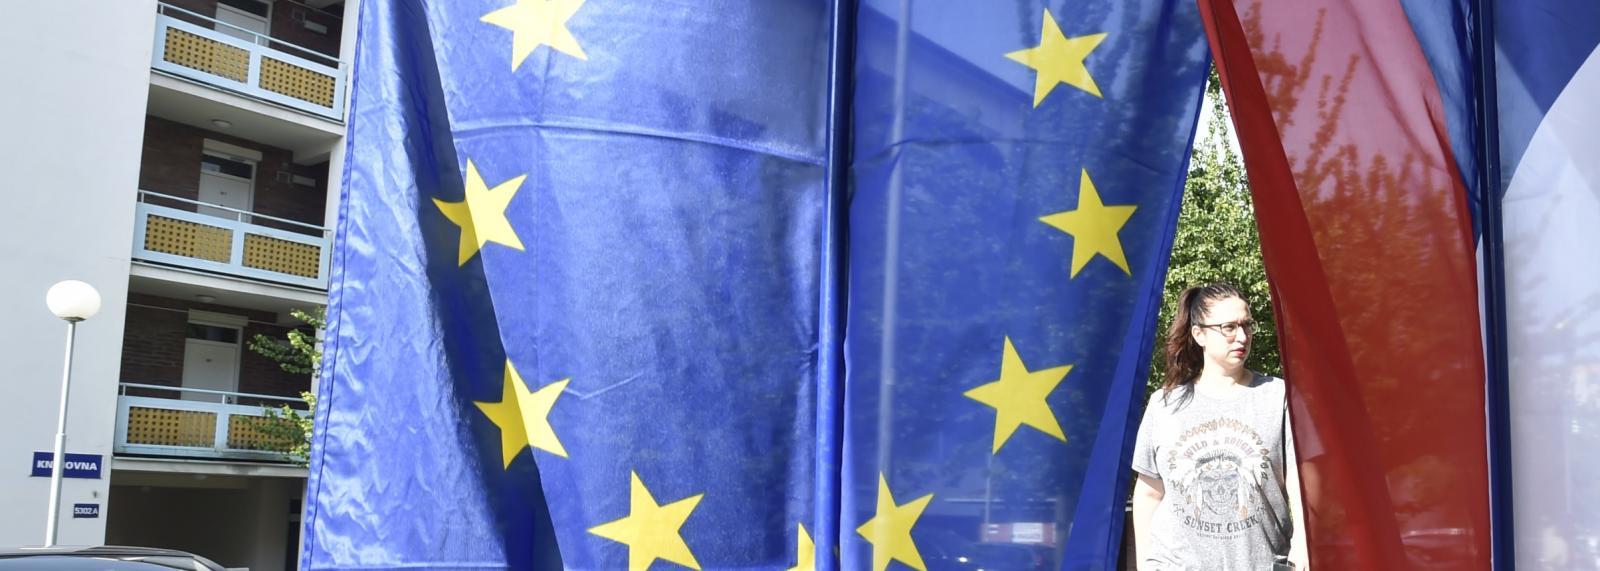 Eurovolby ve Zlíně